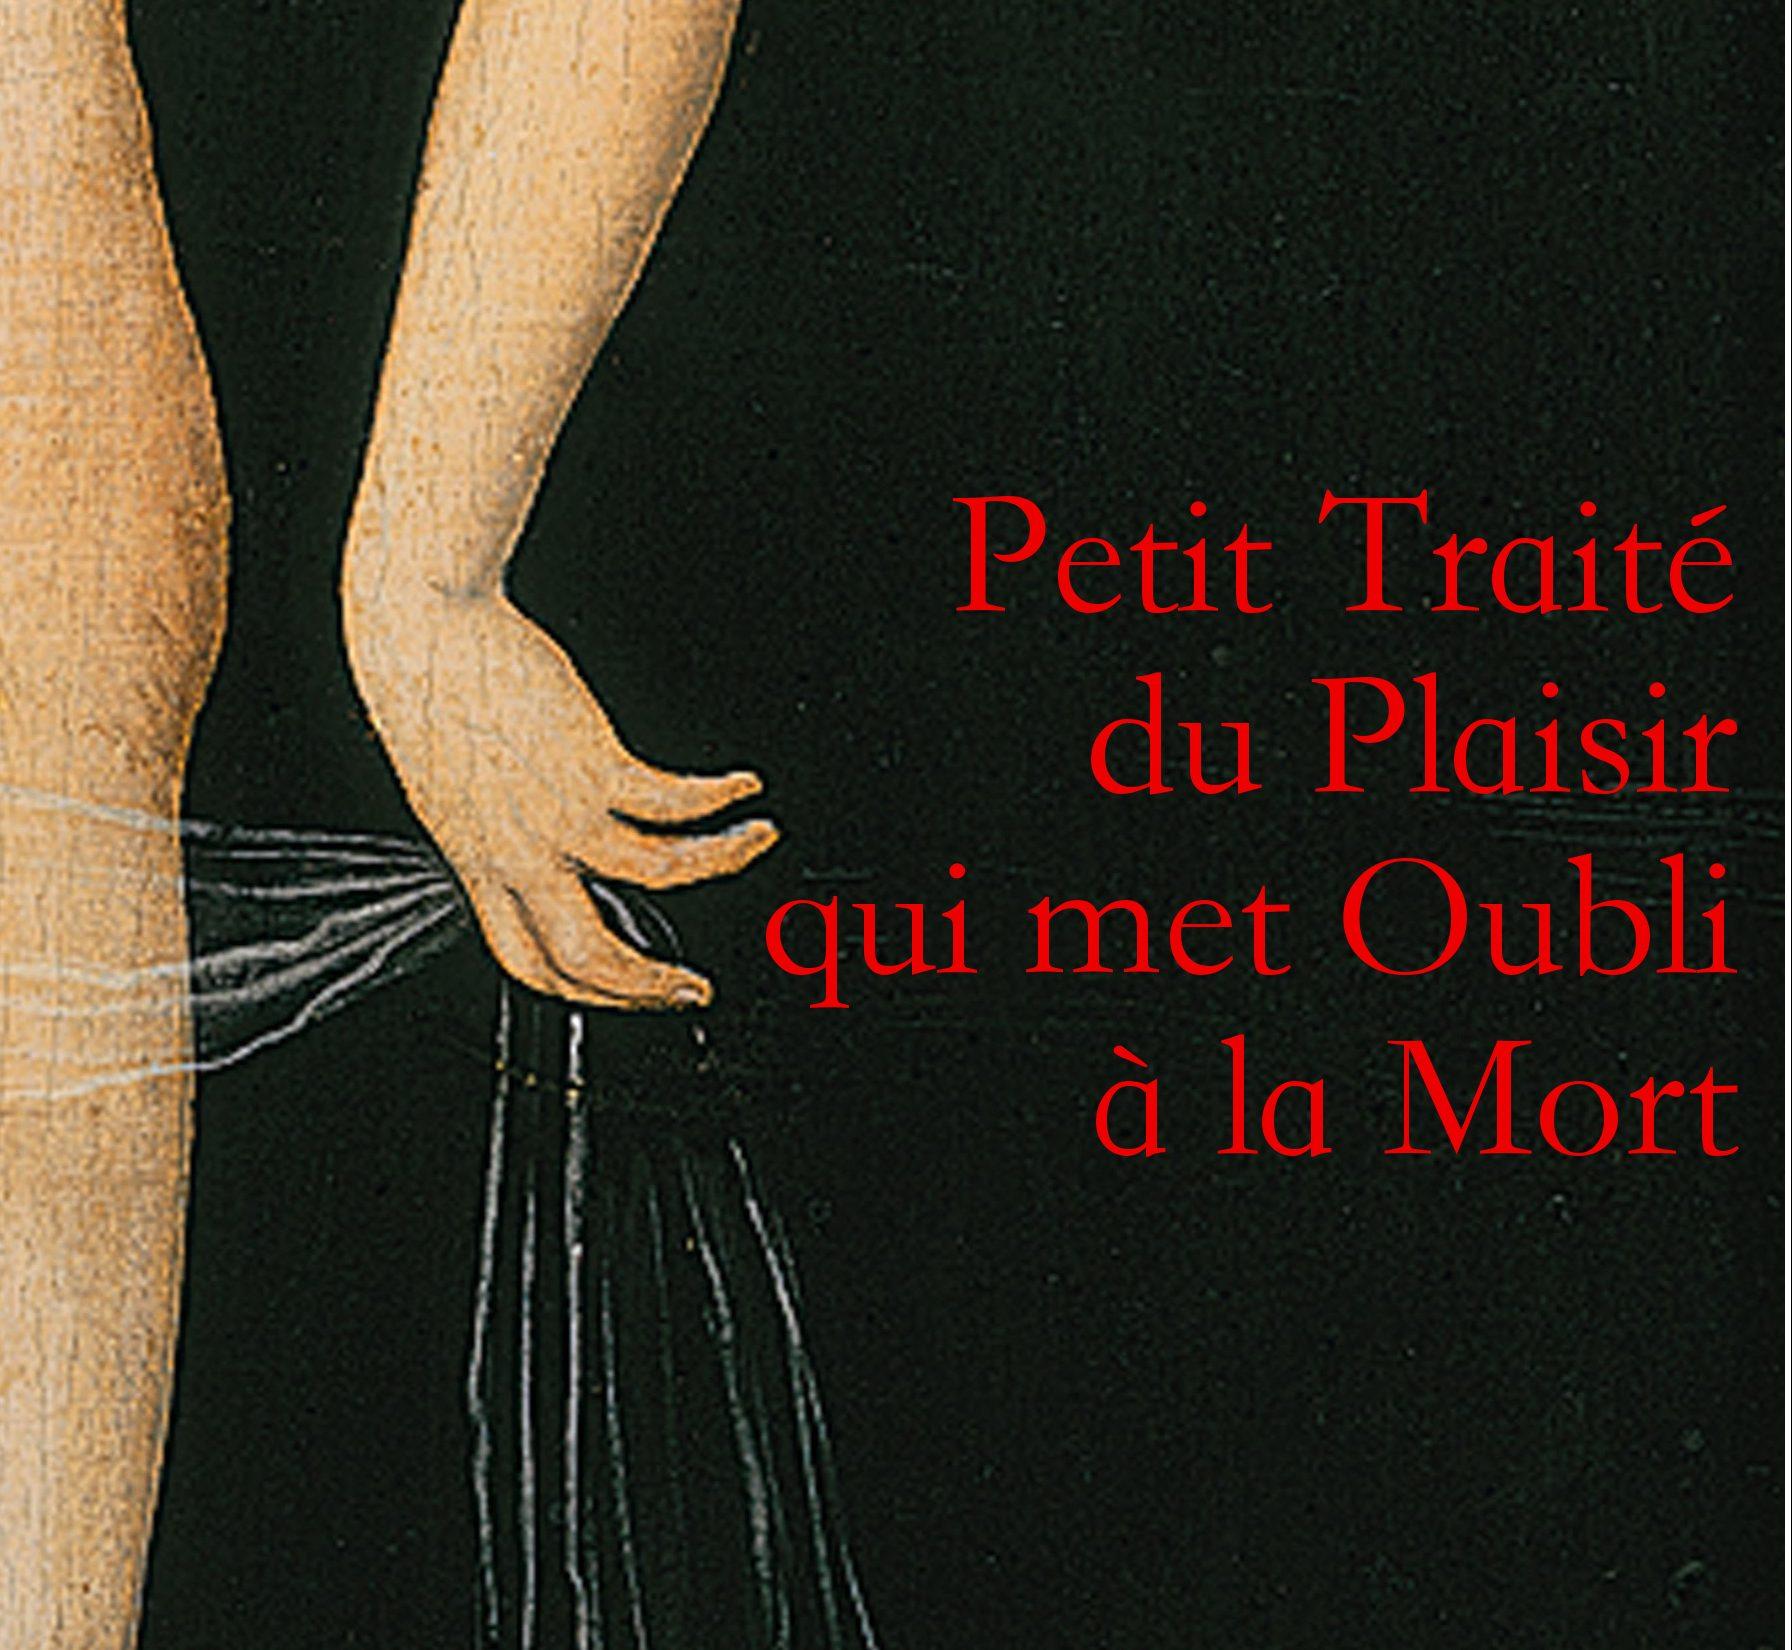 Le Petit Traité du Plaisir qui met oubli à la Mort